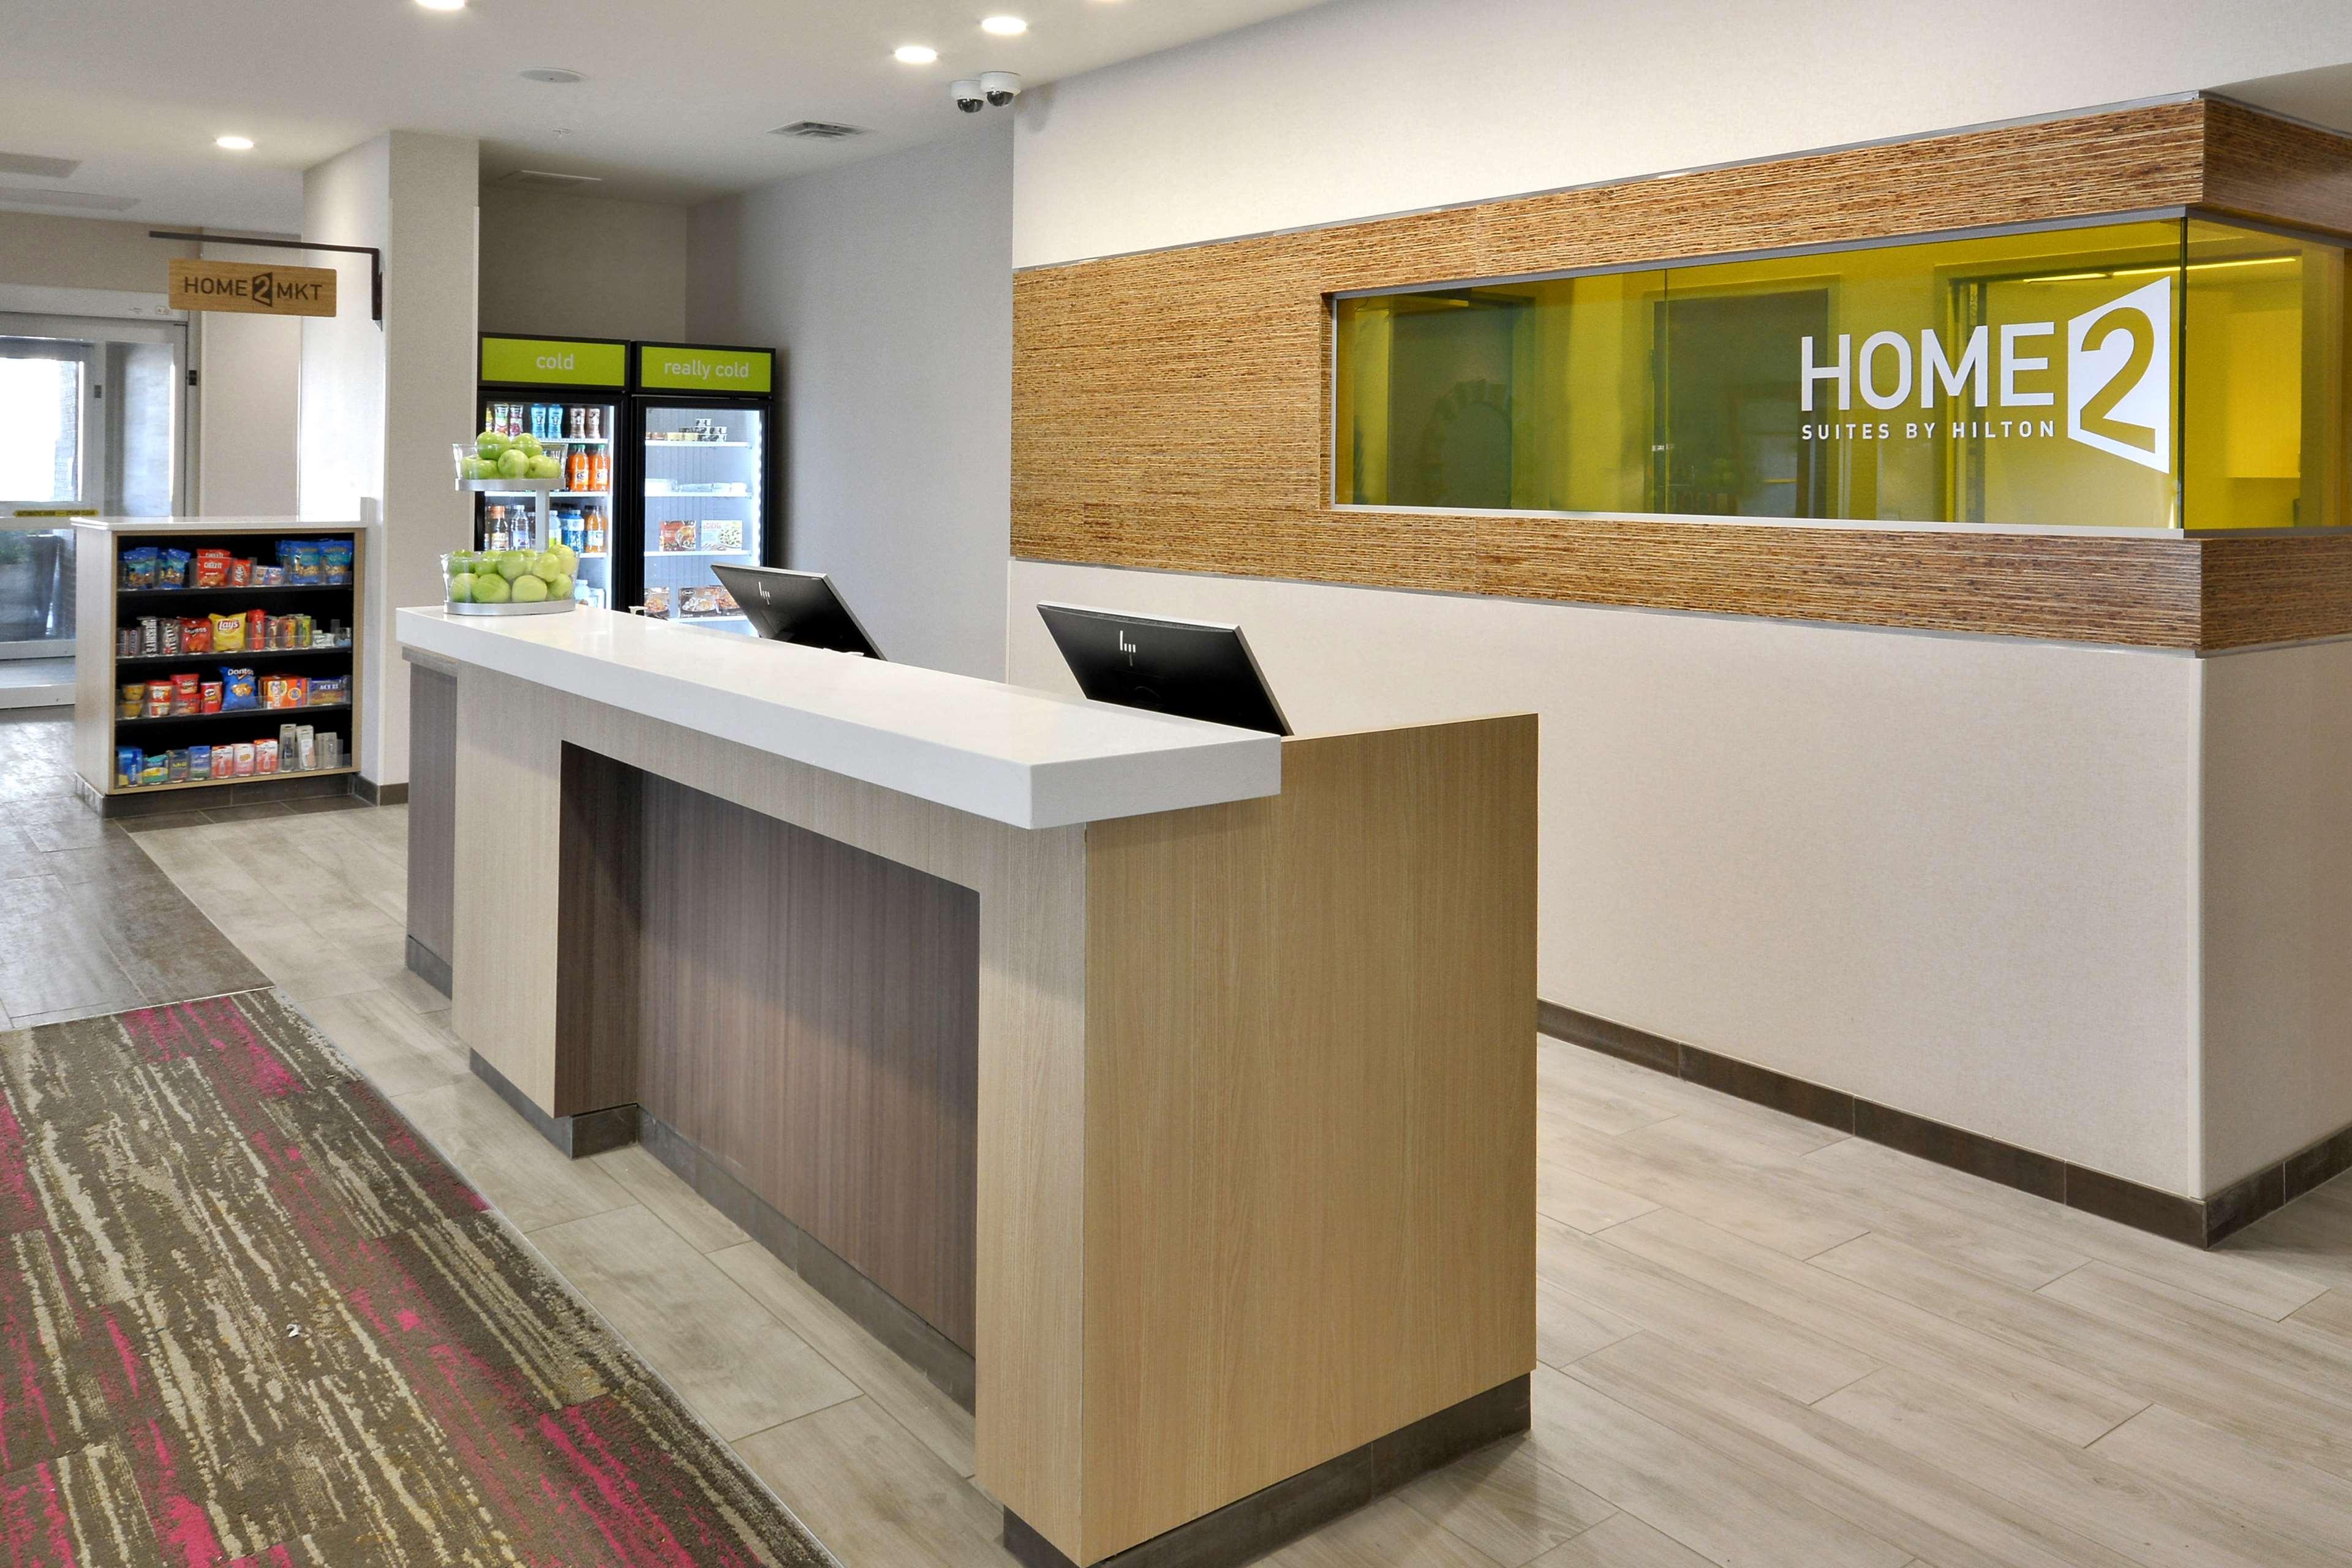 Home2 Suites by Hilton Duncan image 5